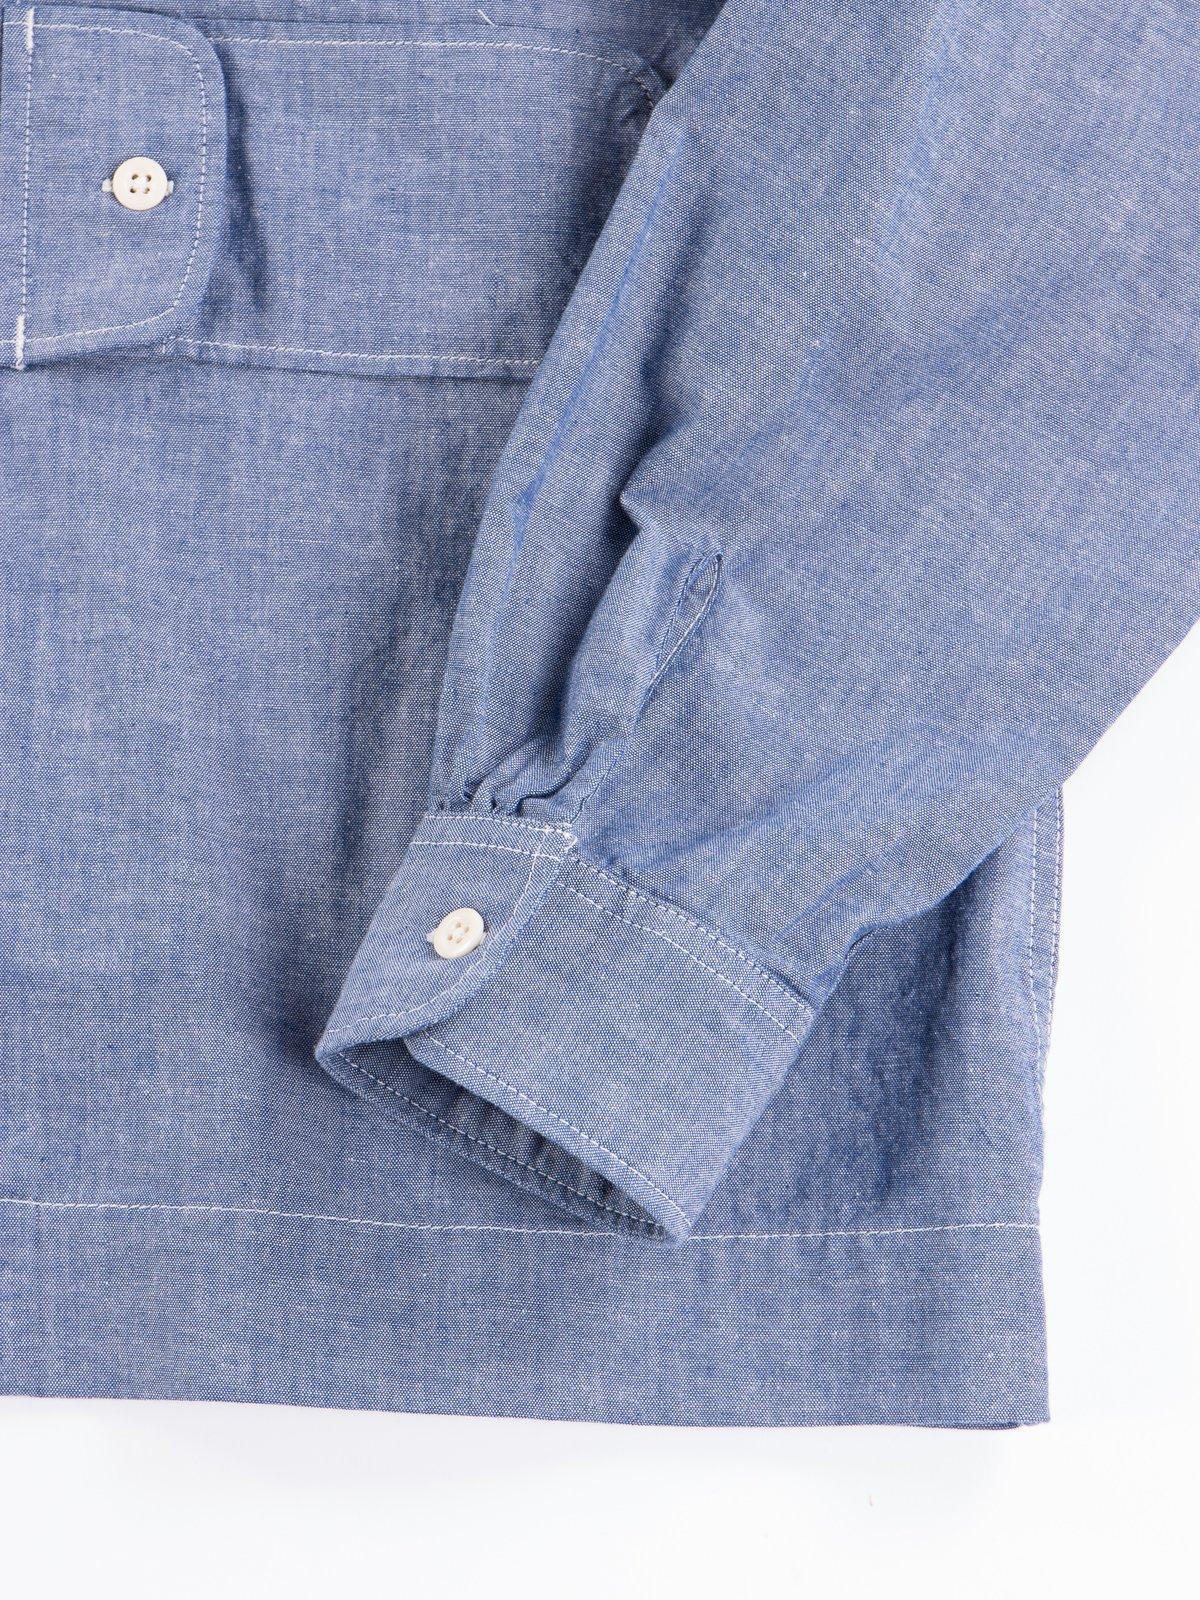 Blue Cotton Chambray Bowling Shirt - Image 5